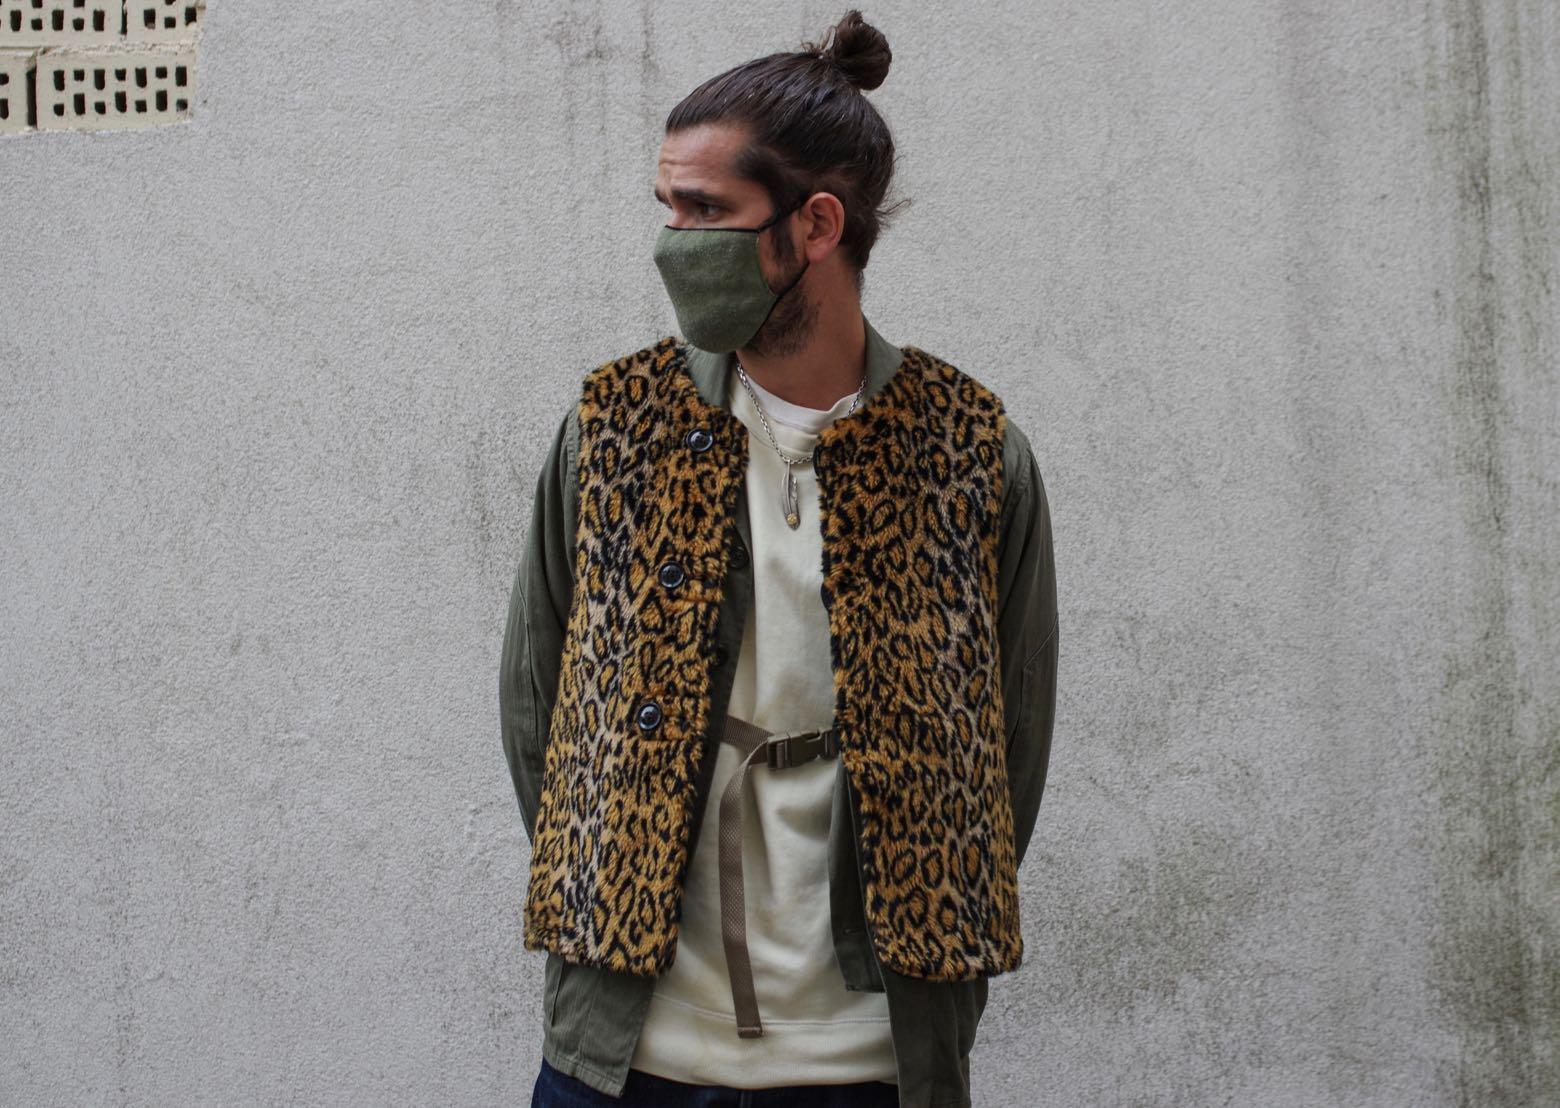 comment porté un imprimé léopard dans tenue style homme street heritage